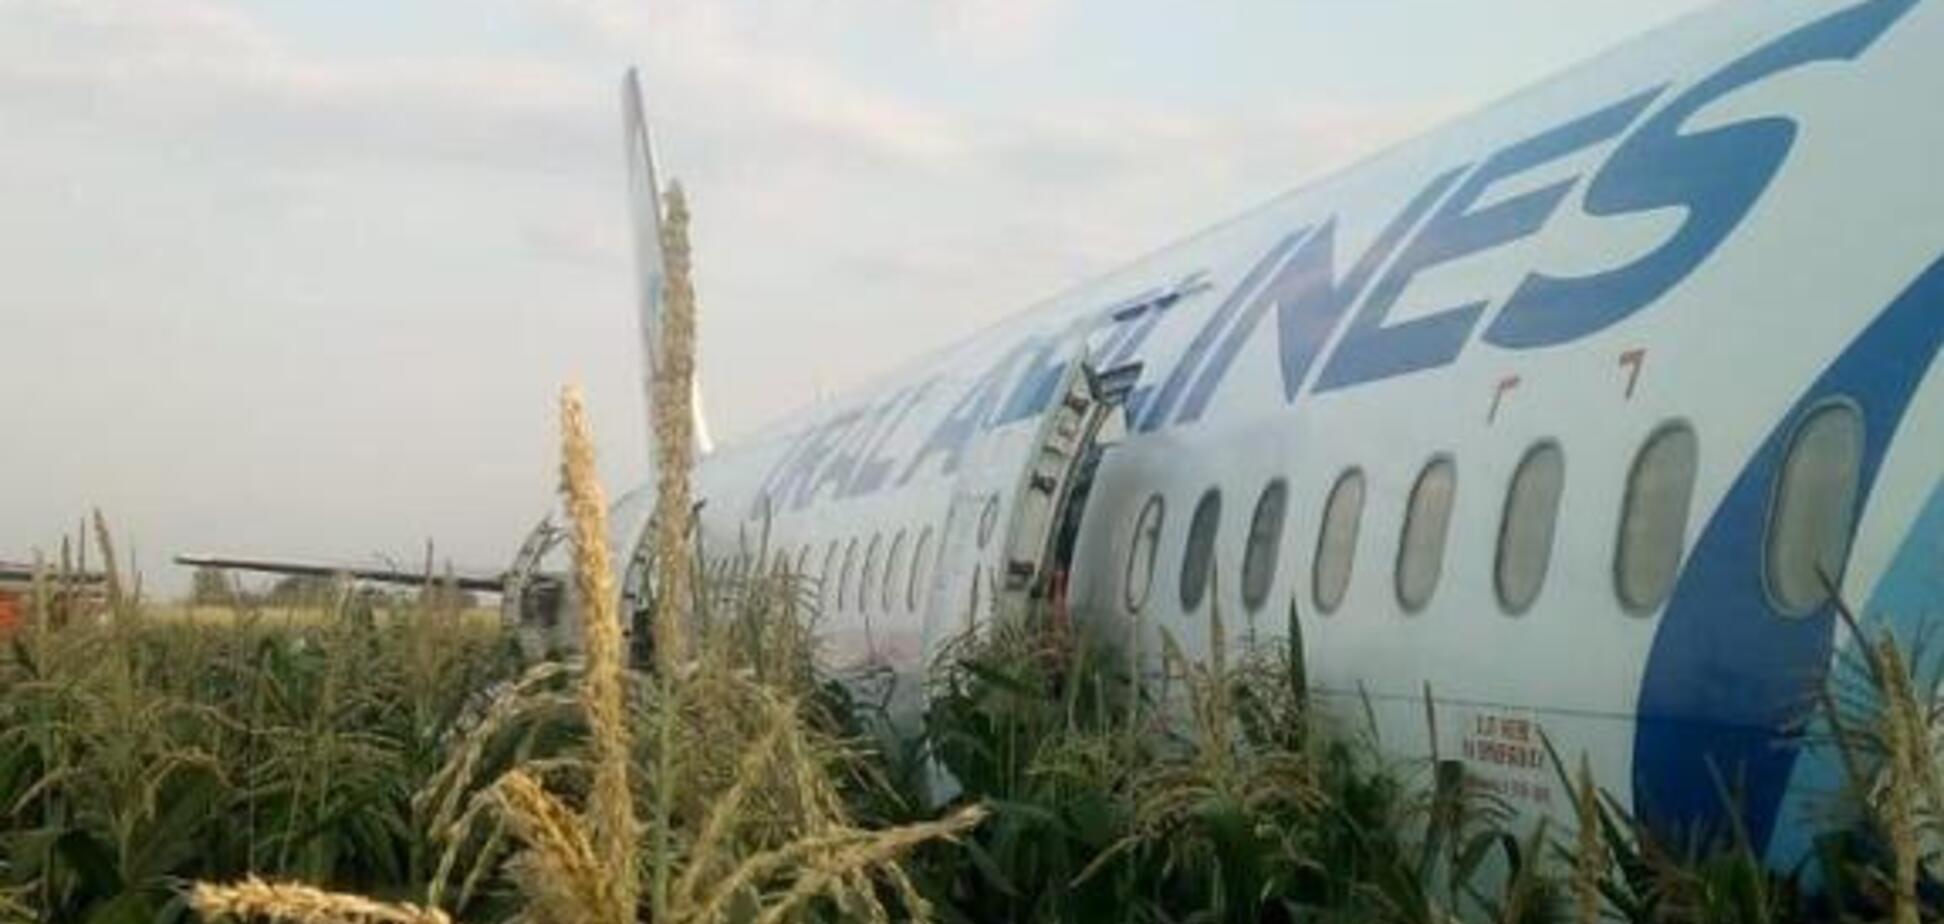 Ошибка чуть не убила 200 людей: выяснился показательный нюанс в ЧП с самолетом в России